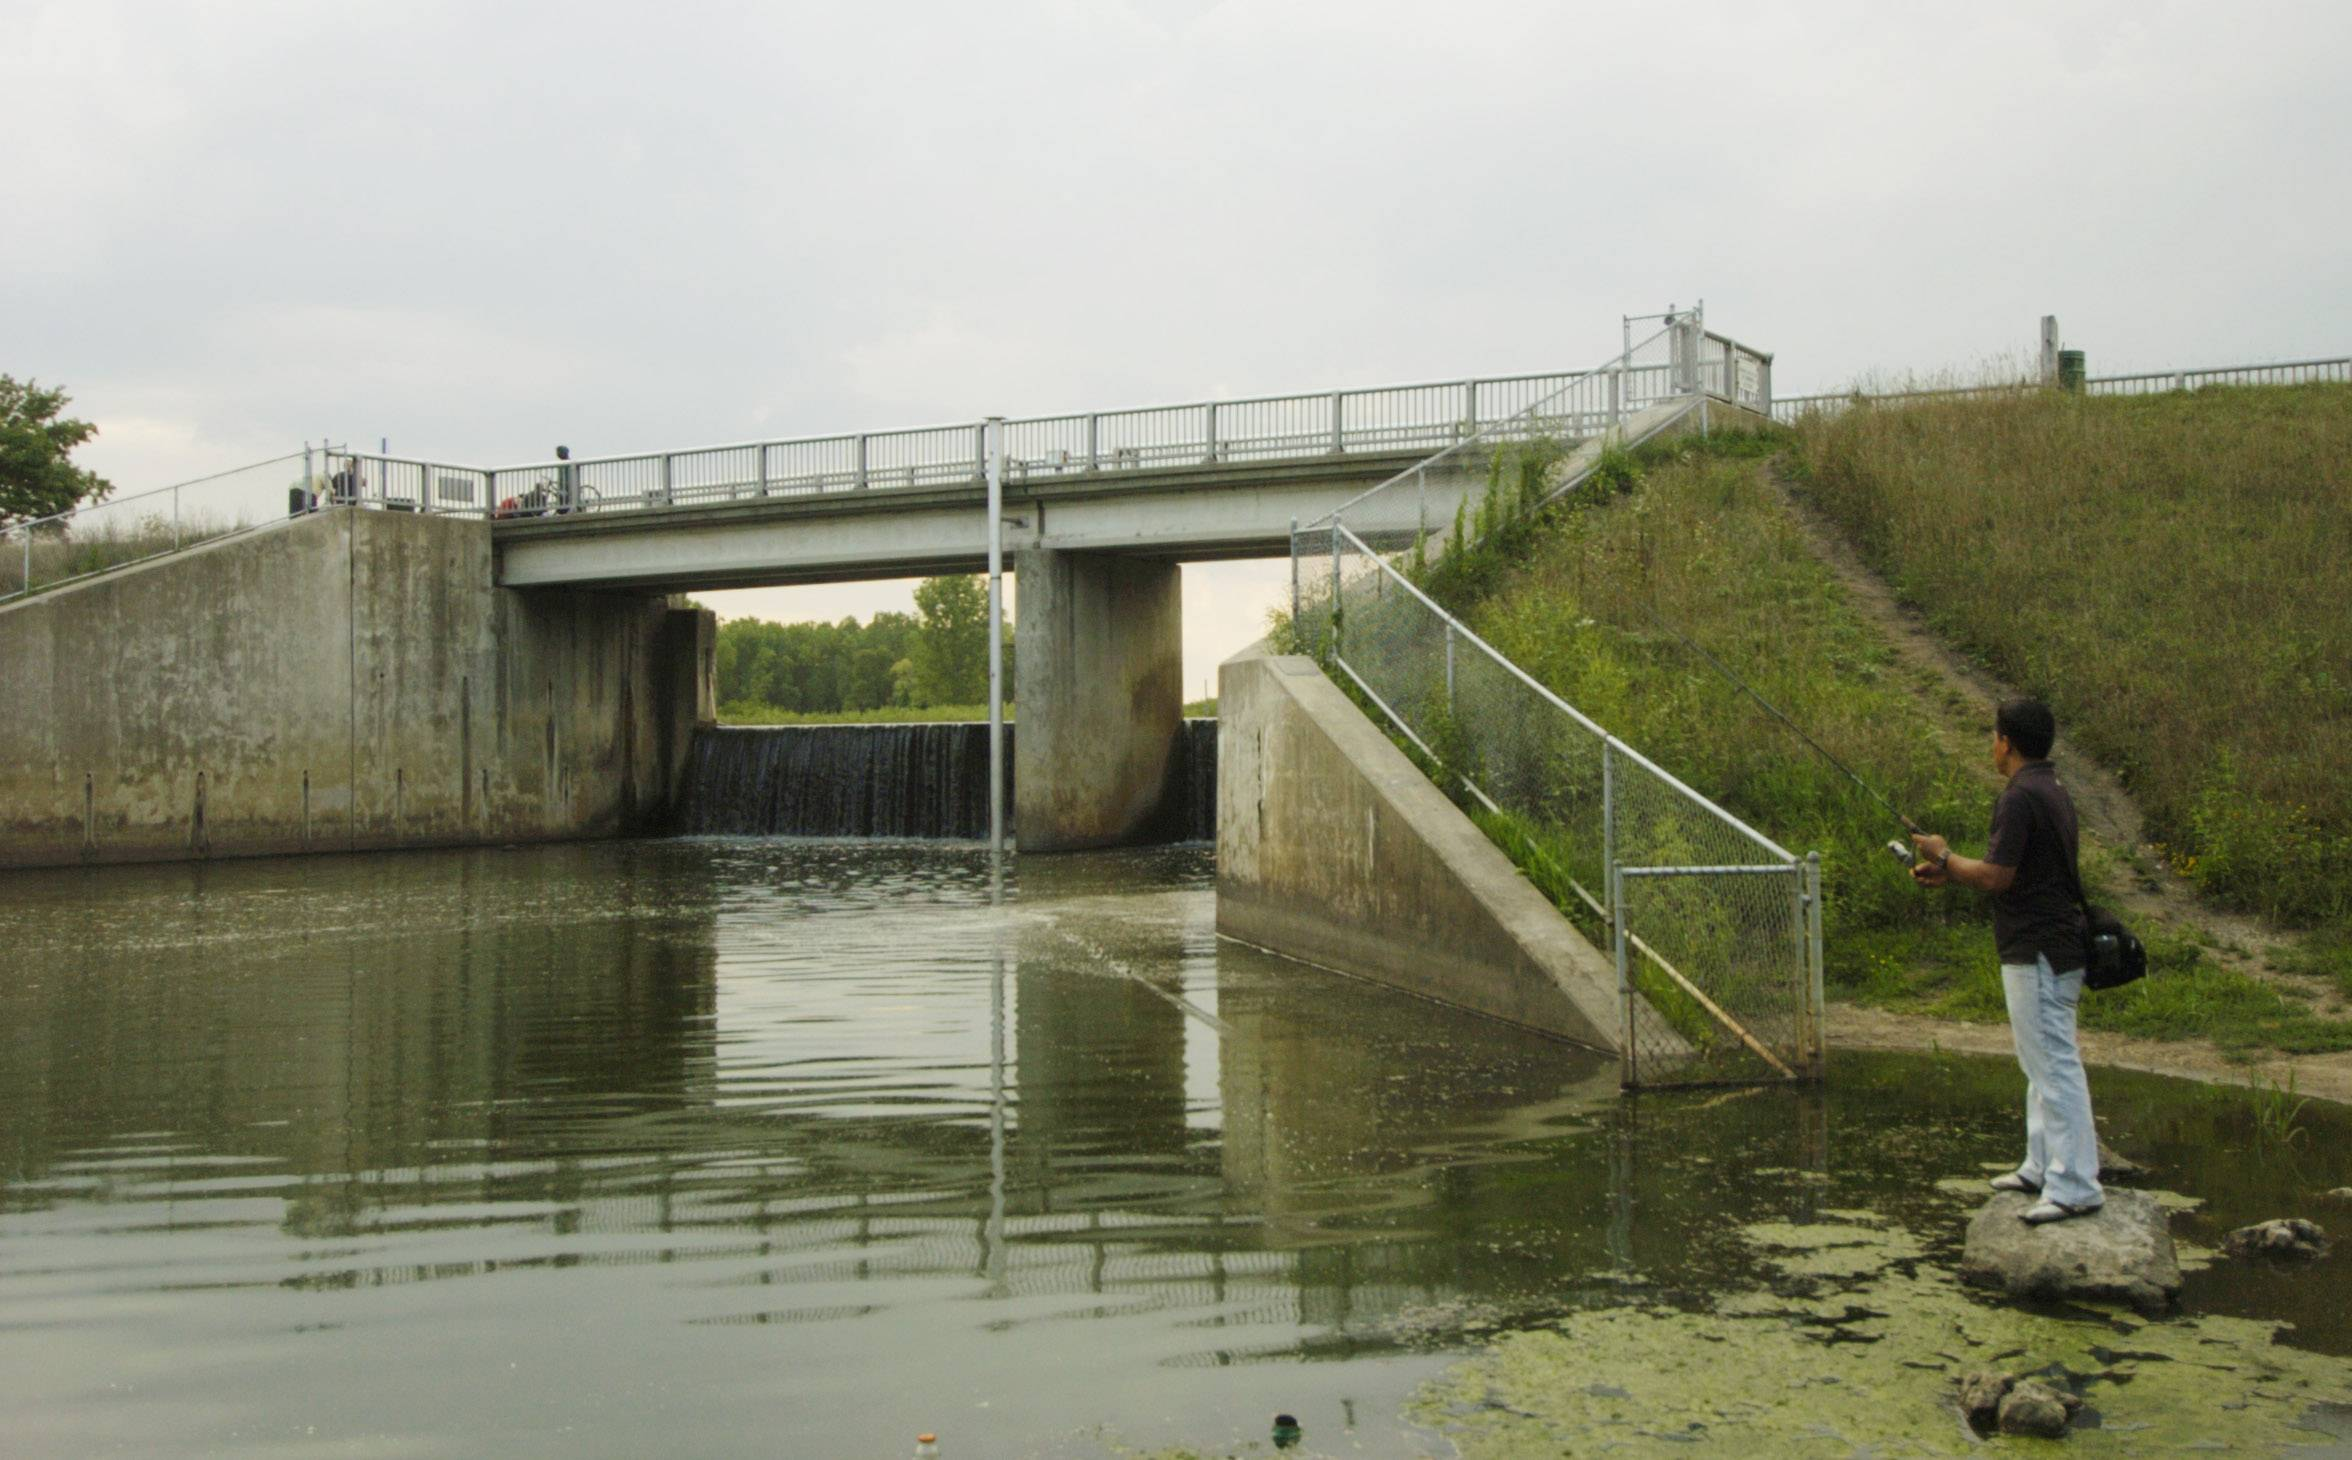 Elk Grove OKs $2.7 million flood abatement